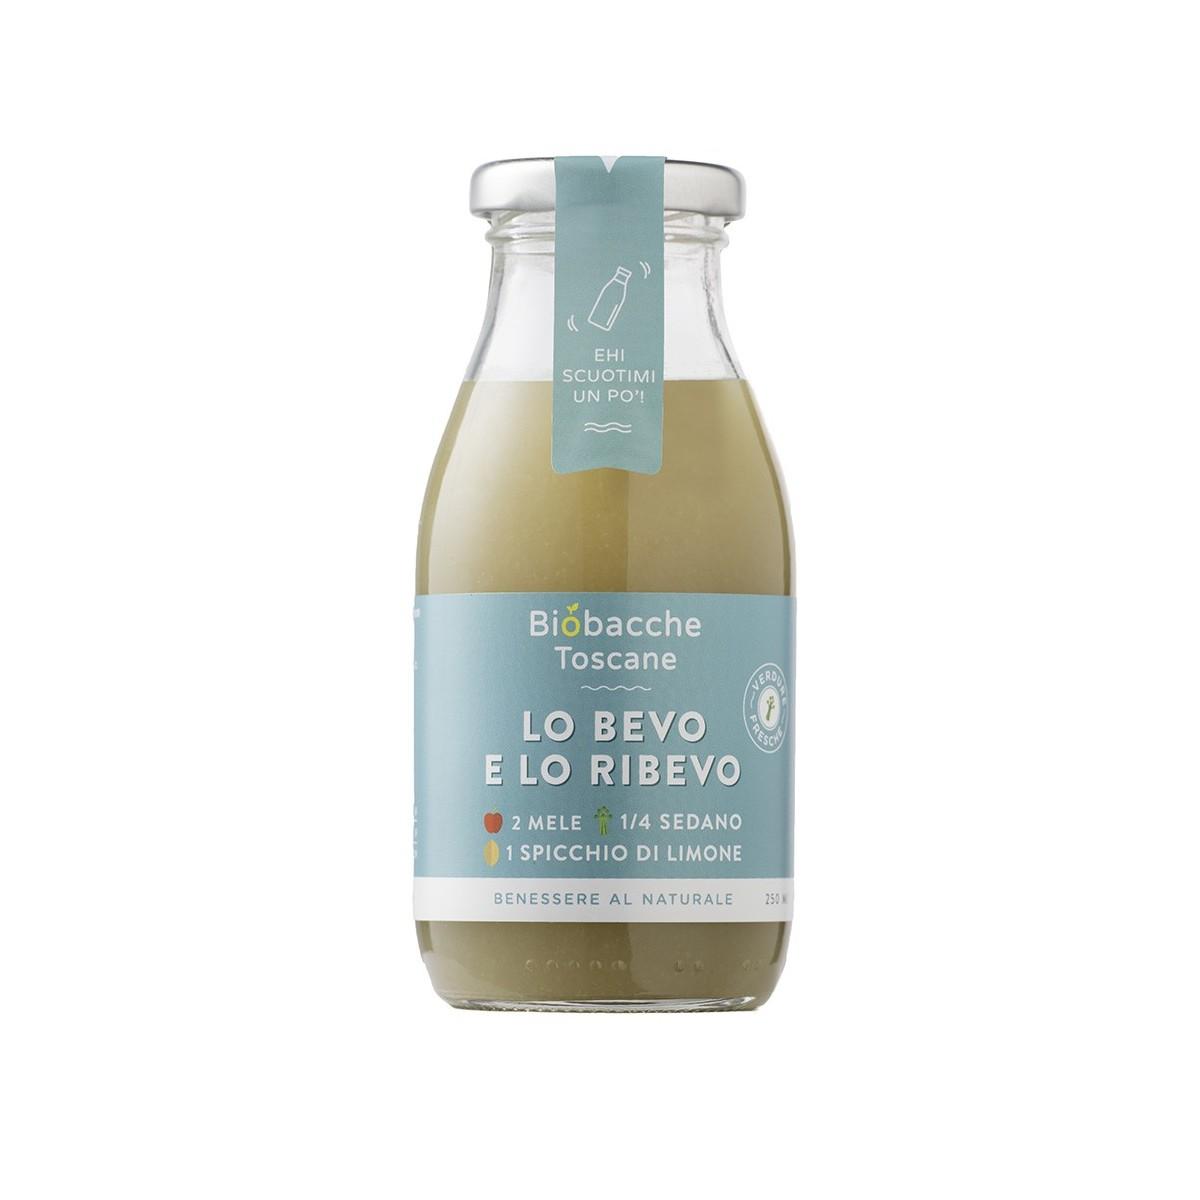 Lo Bevo e lo Ribevo - Estratto di Frutta e Verdura 2 Mele, ¼ Sedano, 1 Spicchio di Limone